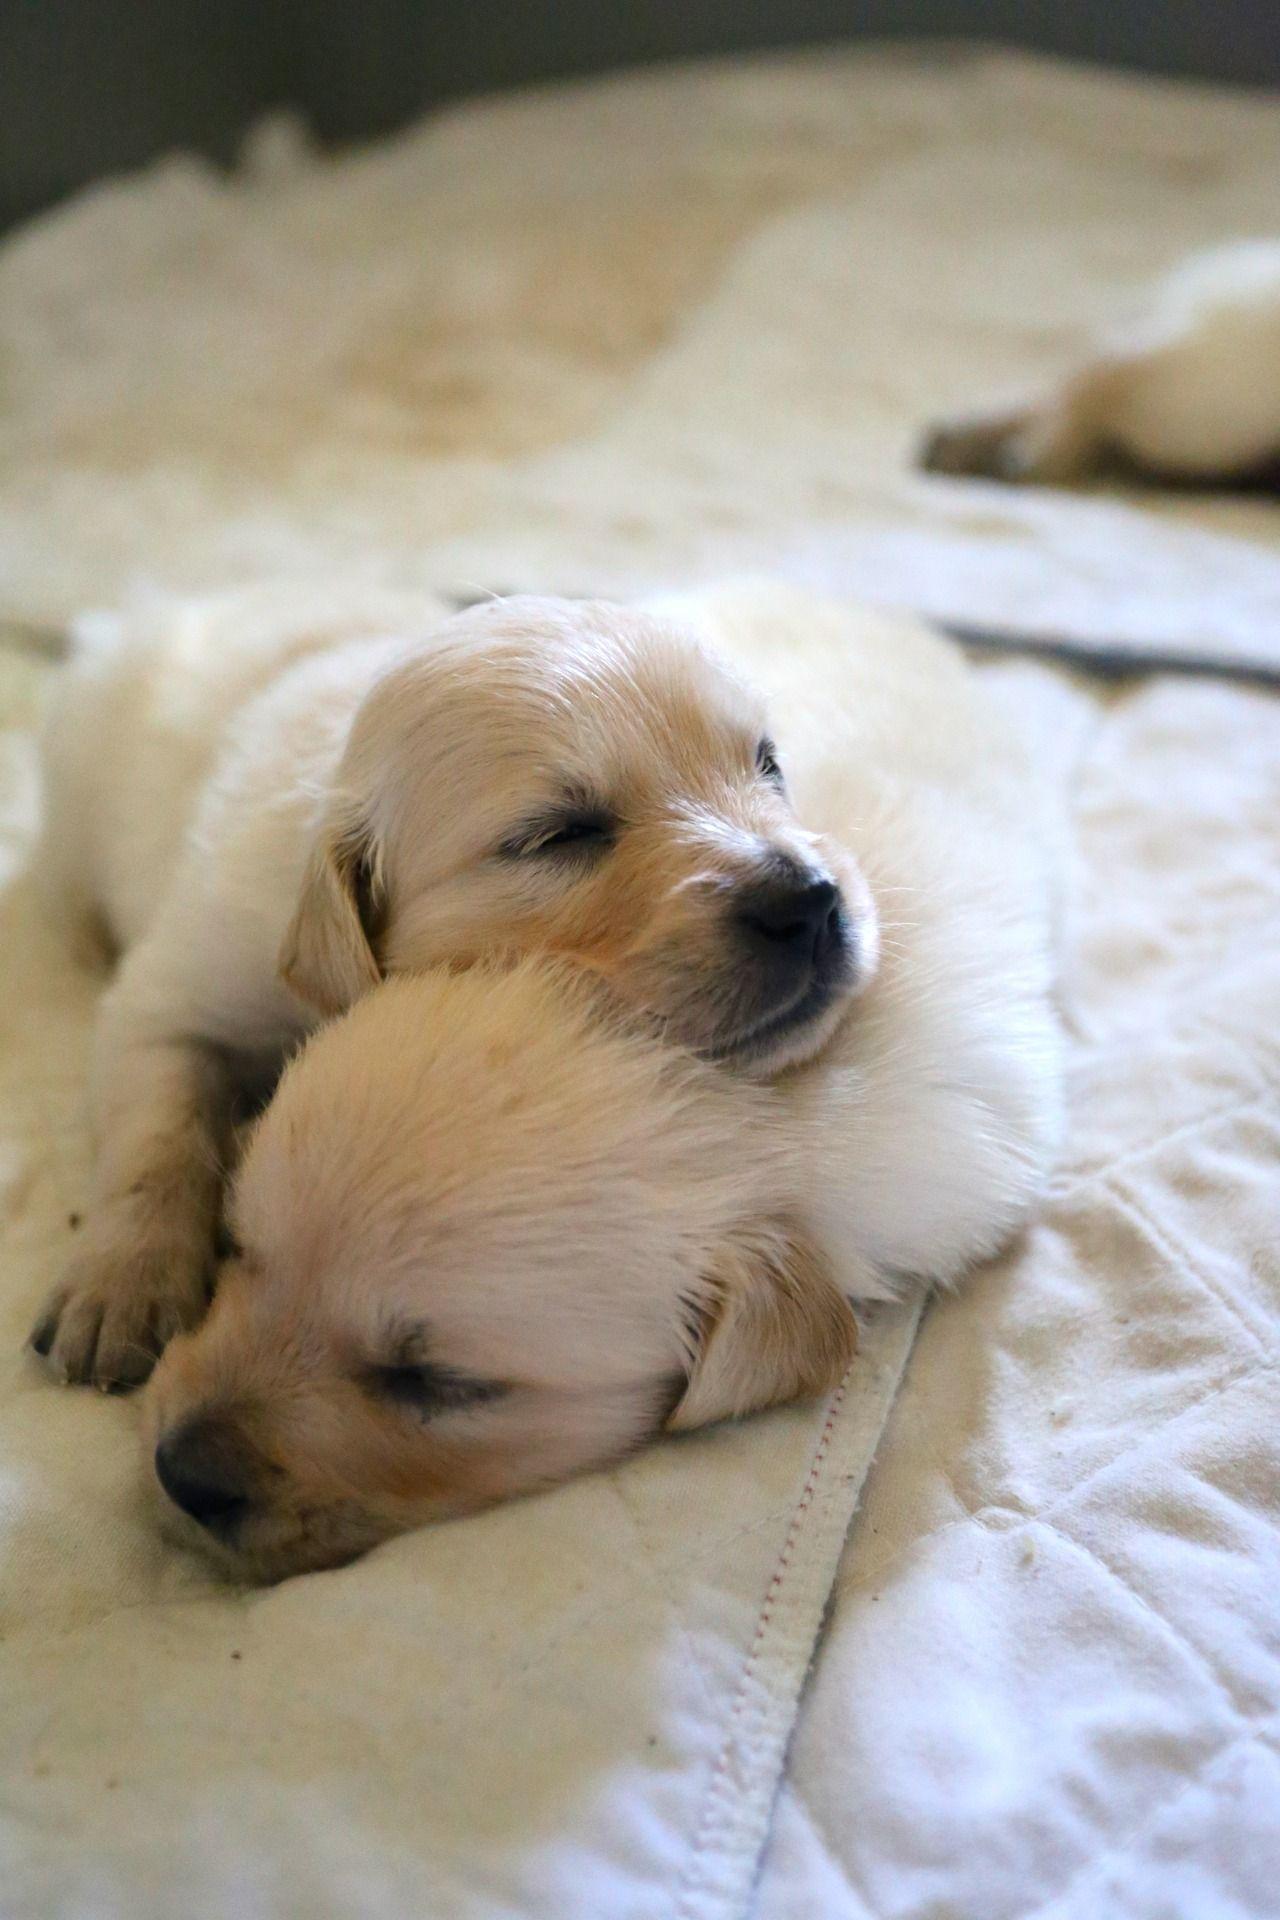 Suche Hunde Bilder - Suche Hunde Bilder